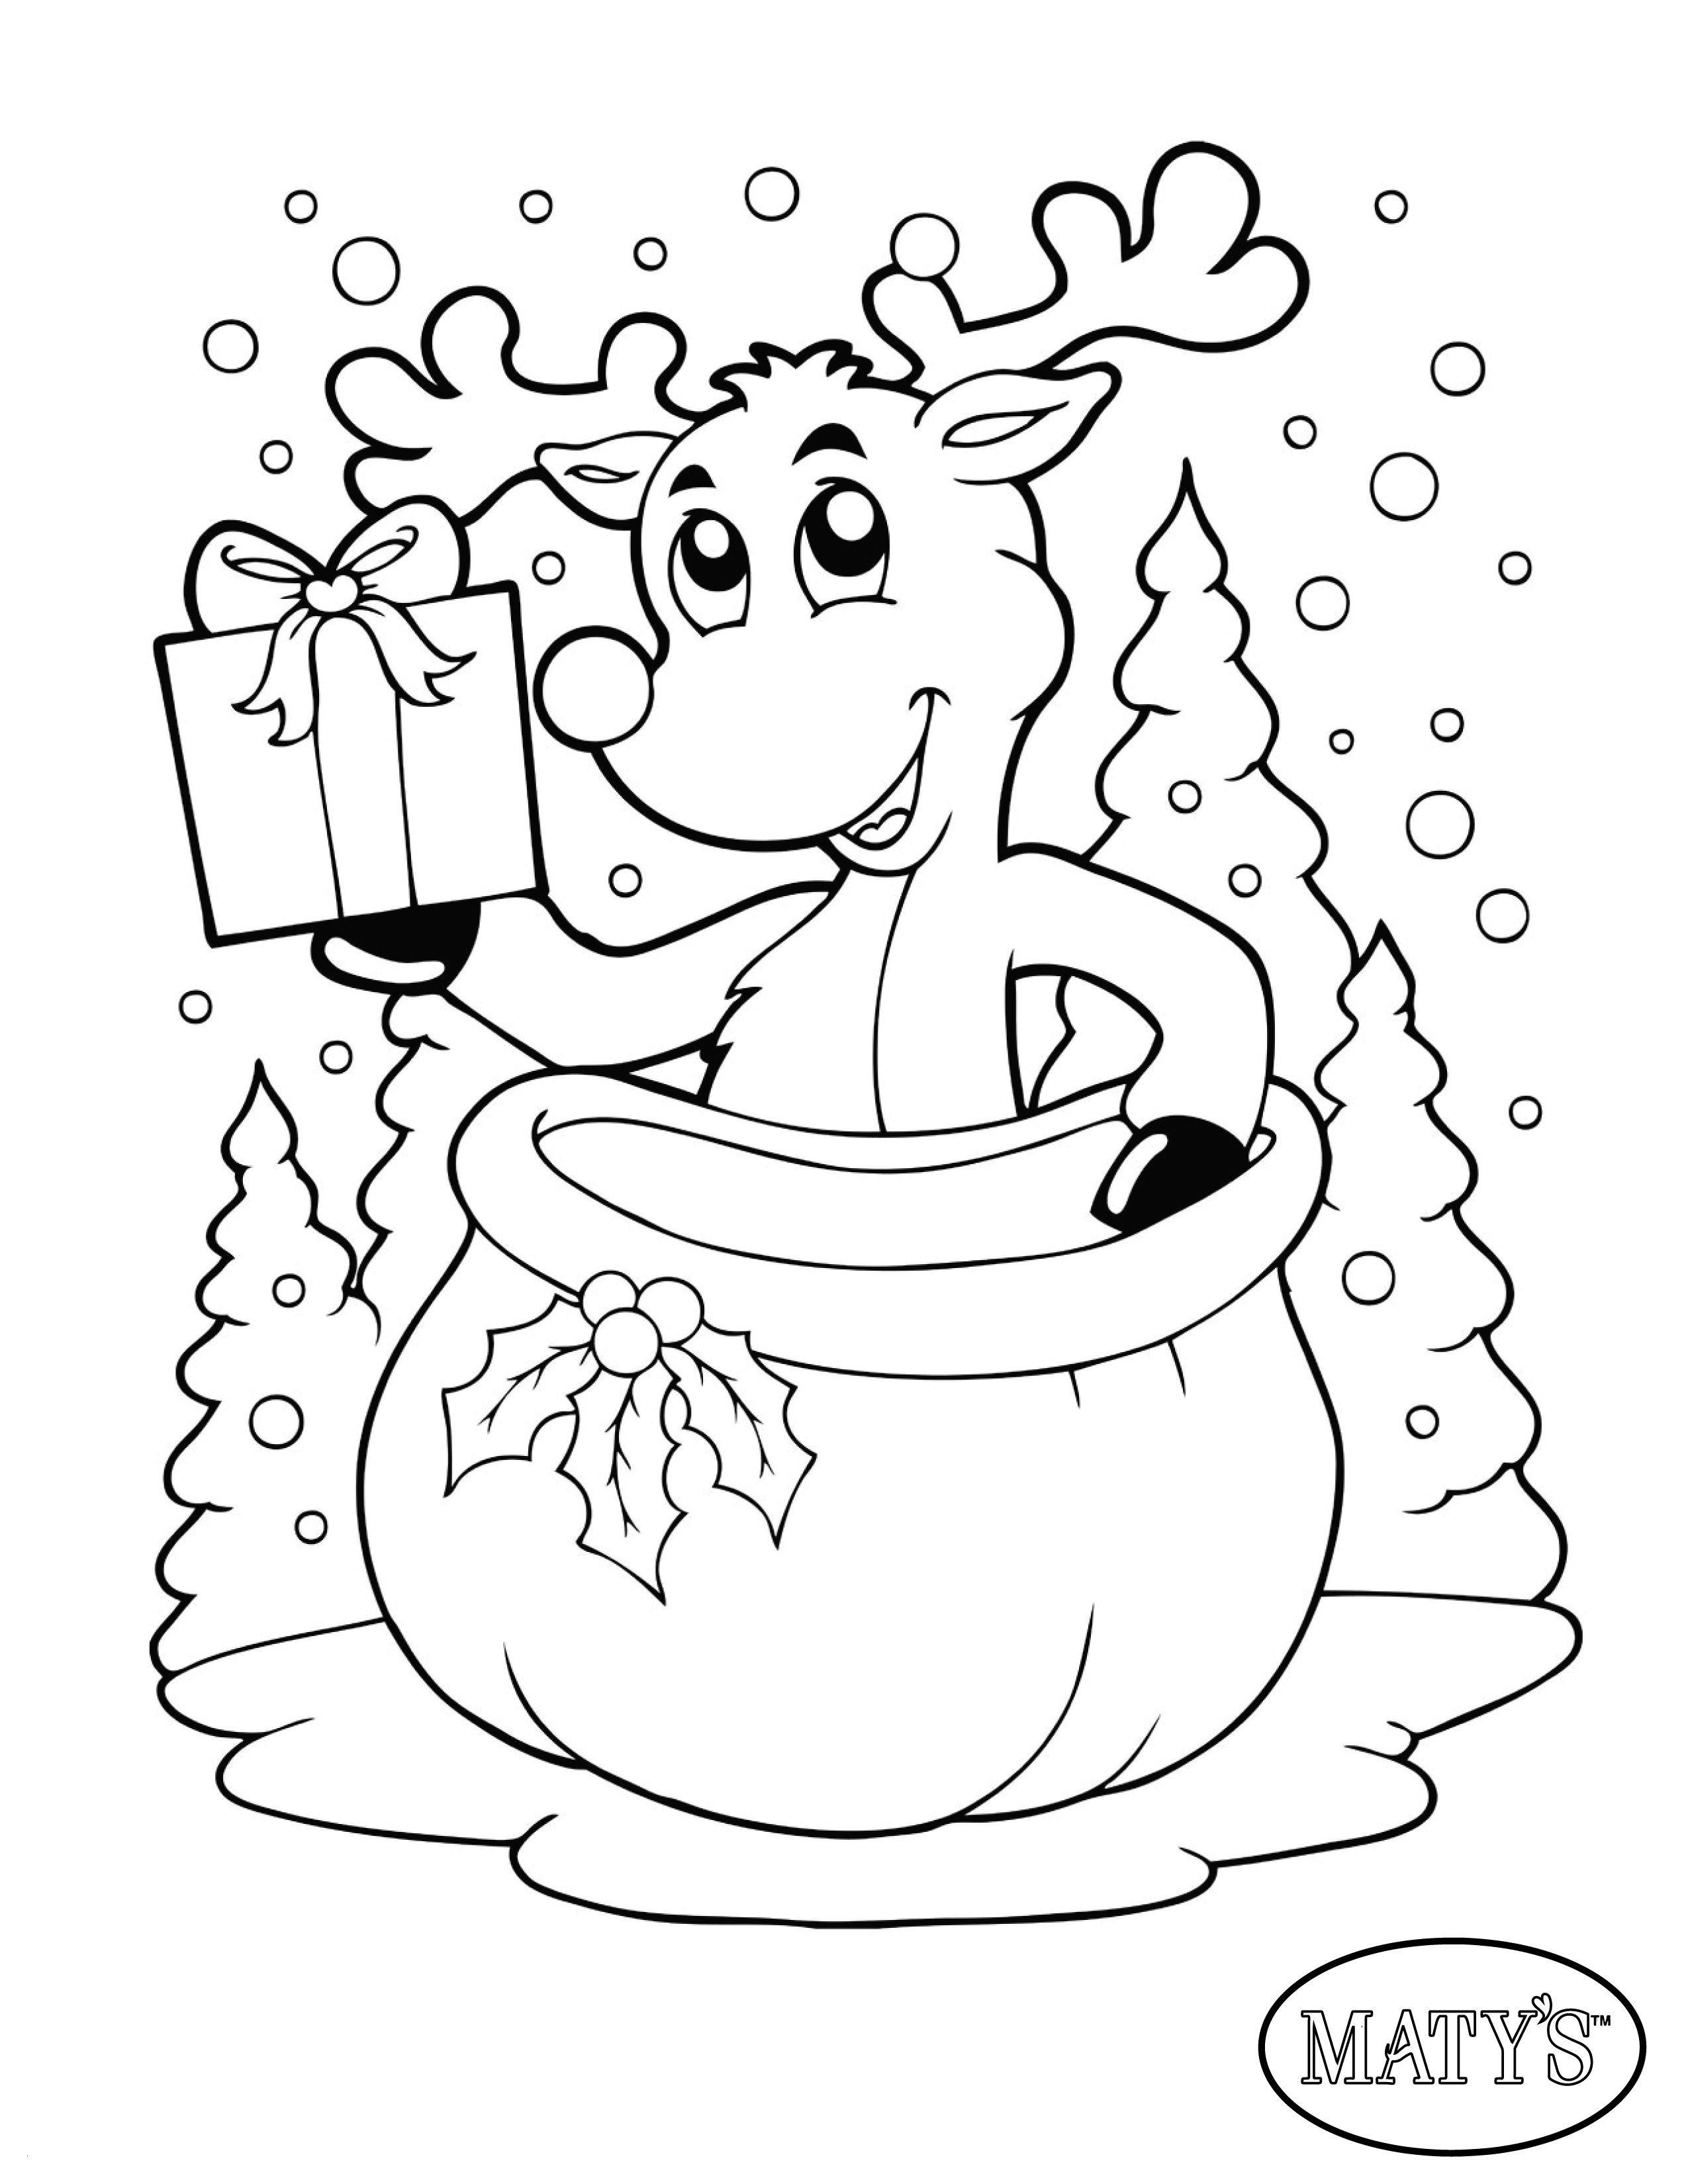 Shaun Das Schaf Ausmalbild Einzigartig Ausmalbilder Weihnachten Schneemann Inspirierend Genial Ausmalbilder Bilder